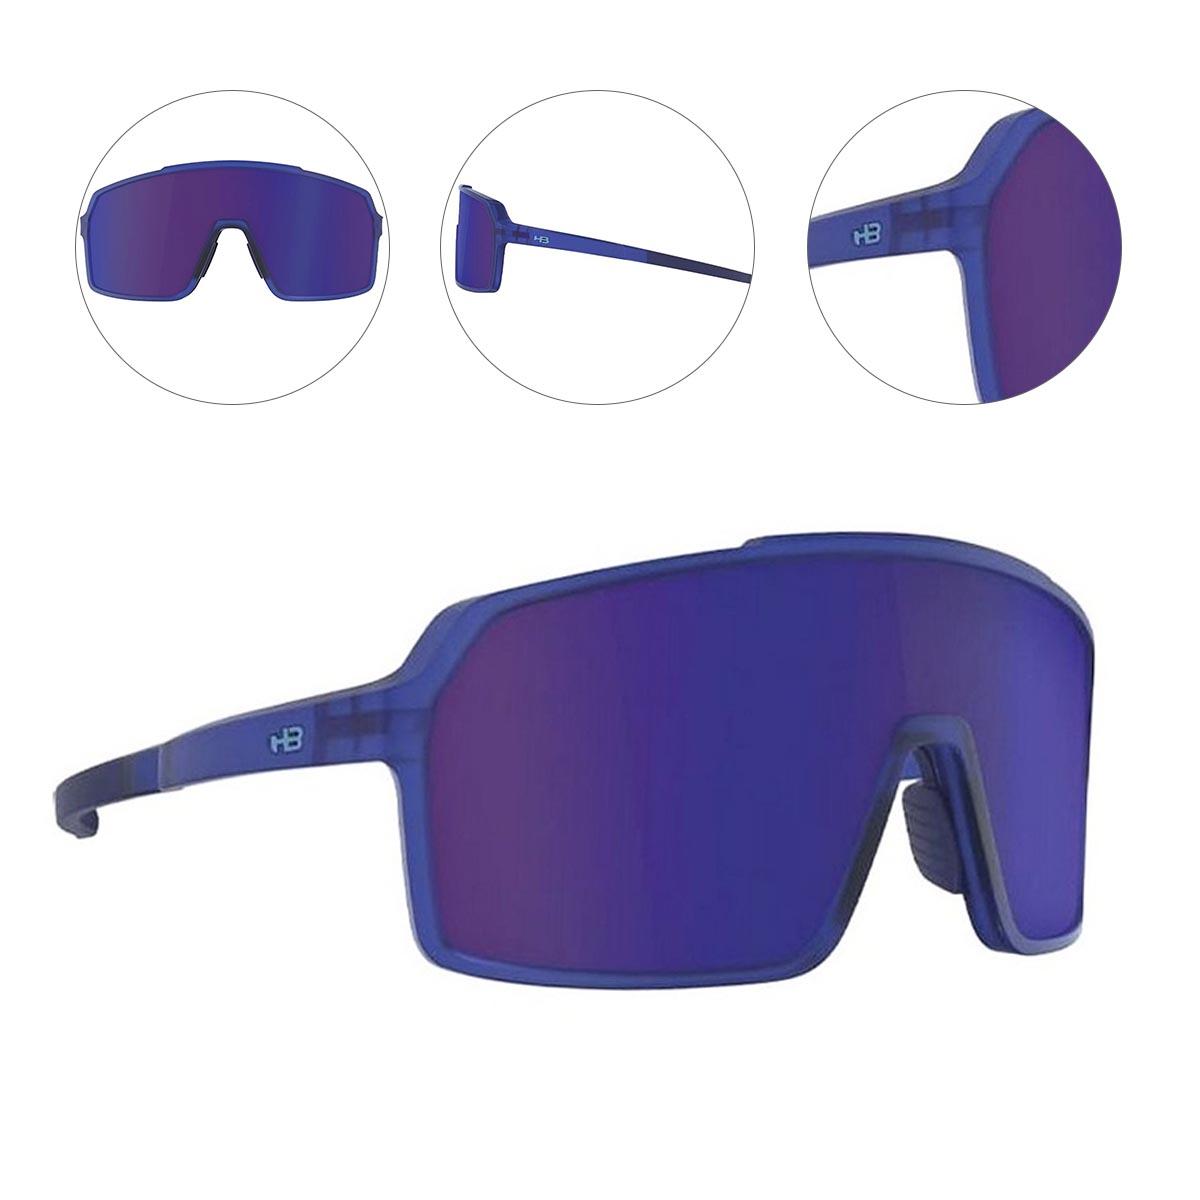 Oculos para Ciclismo HB Grinder Azul Fosco Clear Lente Azul Chrome Espelhada